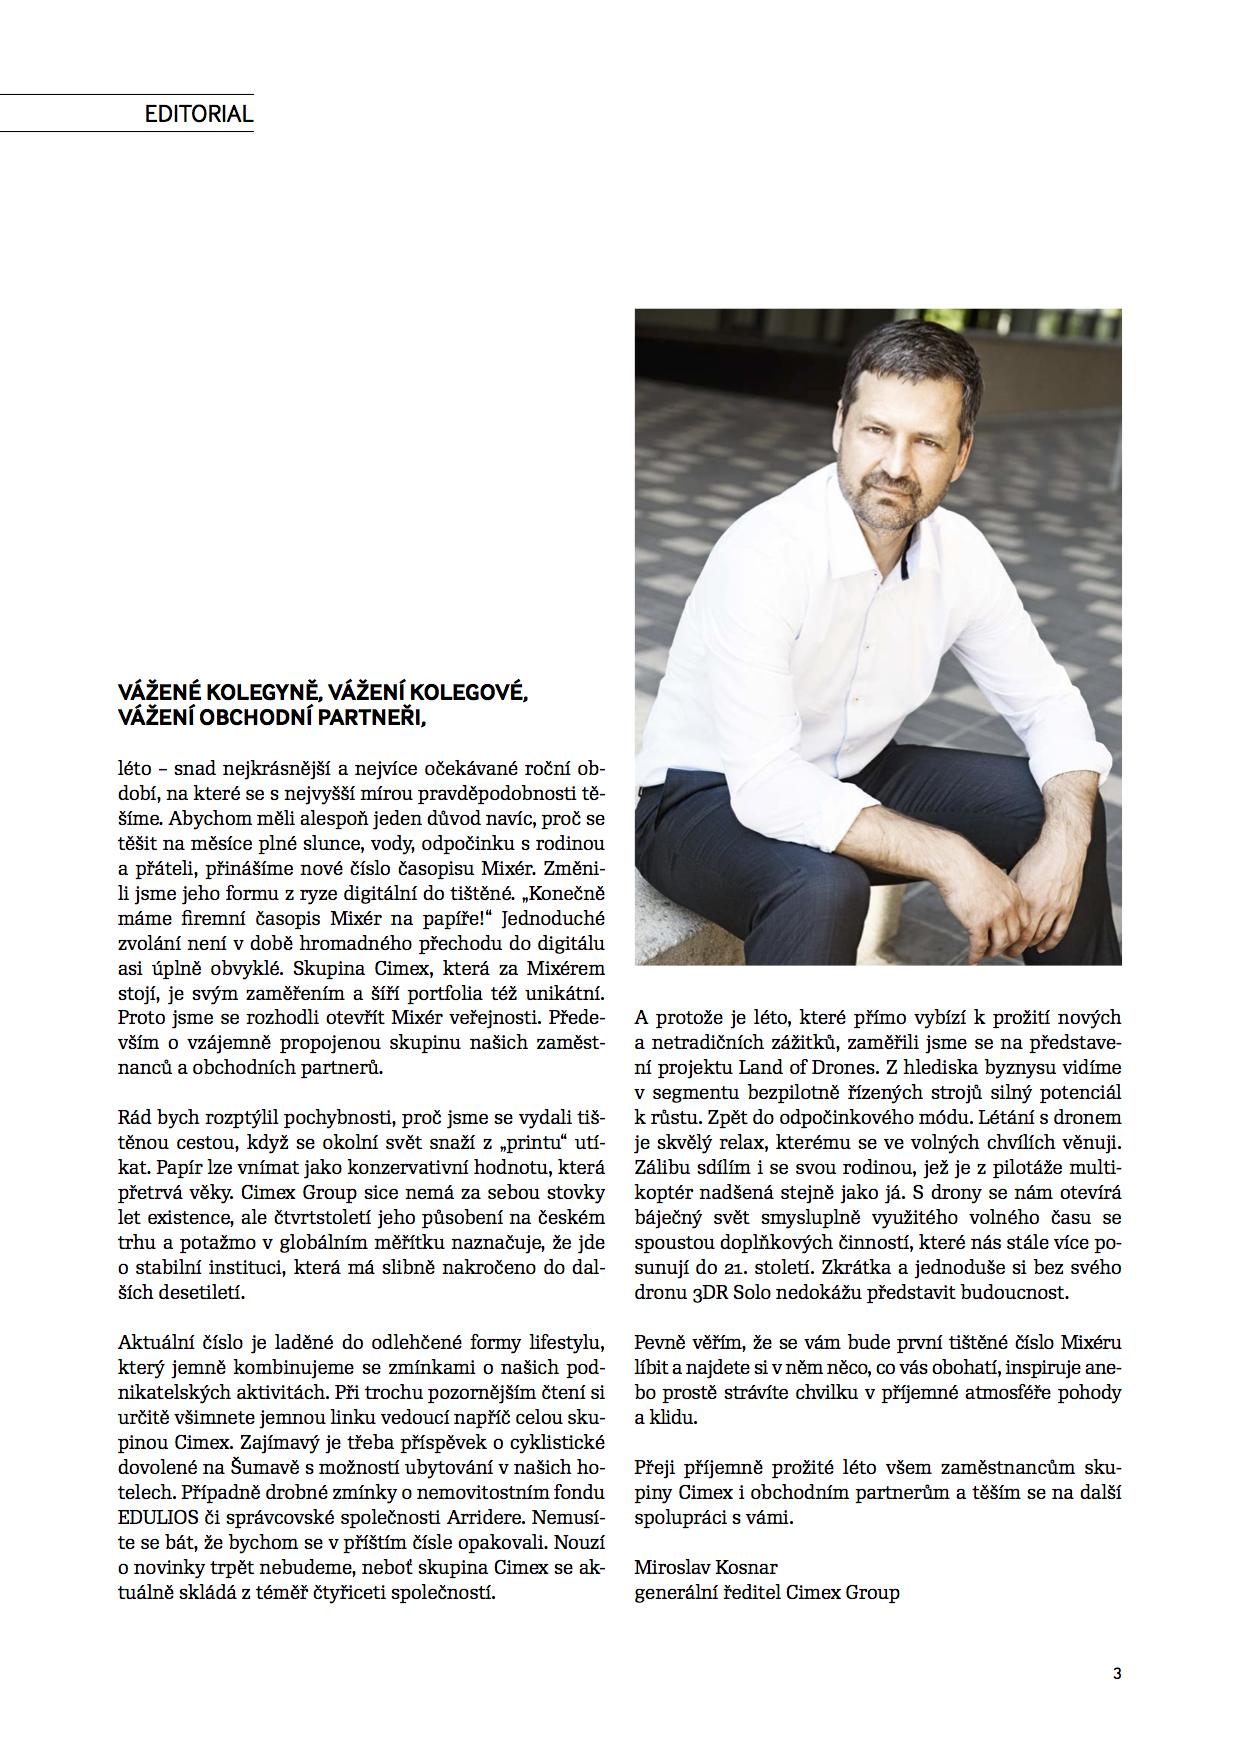 Ukázka z časopisu Mixér